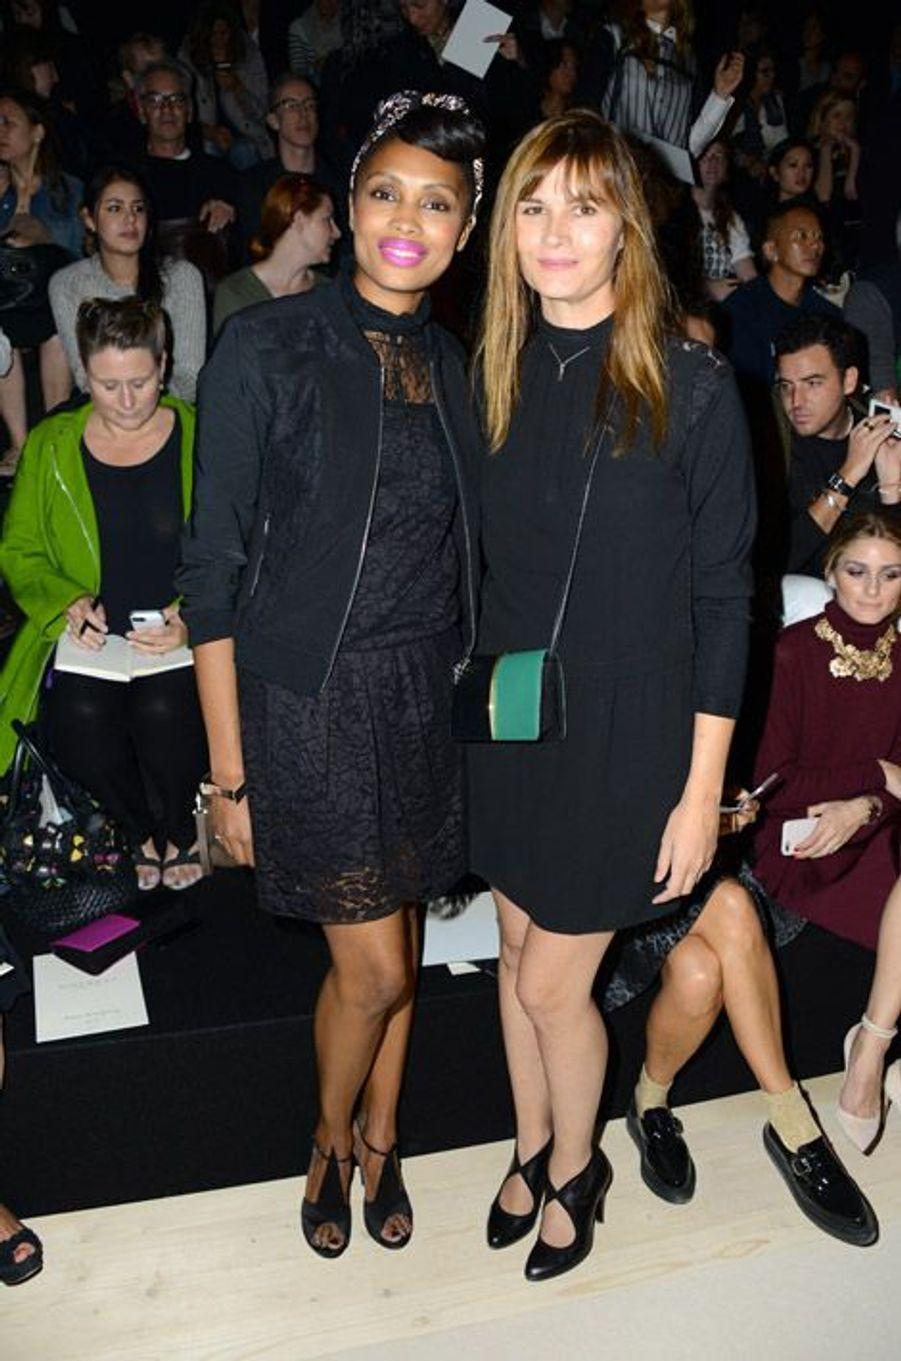 La chanteuse Imany et l'actrice Marina Hands au défilé printemps-été 2015 Nina Ricci aux Tuileries à Paris, le 25 septembre 2014